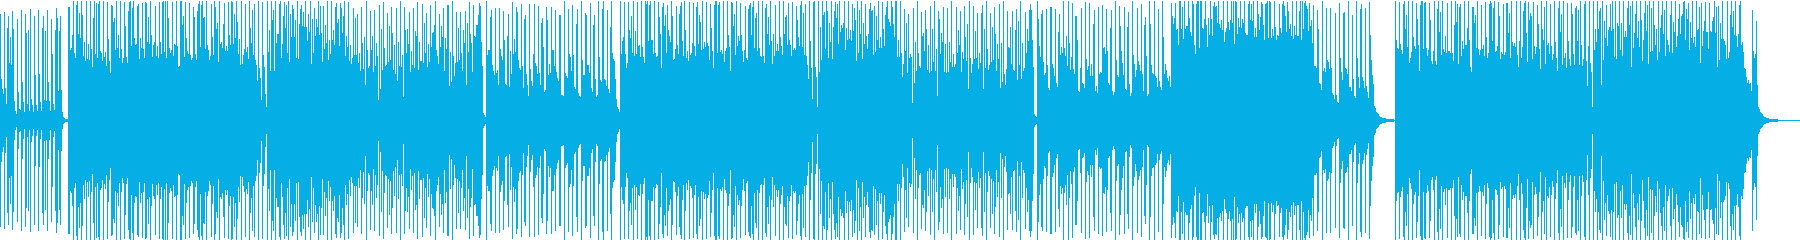 元気なイメージのポップインスト曲の再生済みの波形